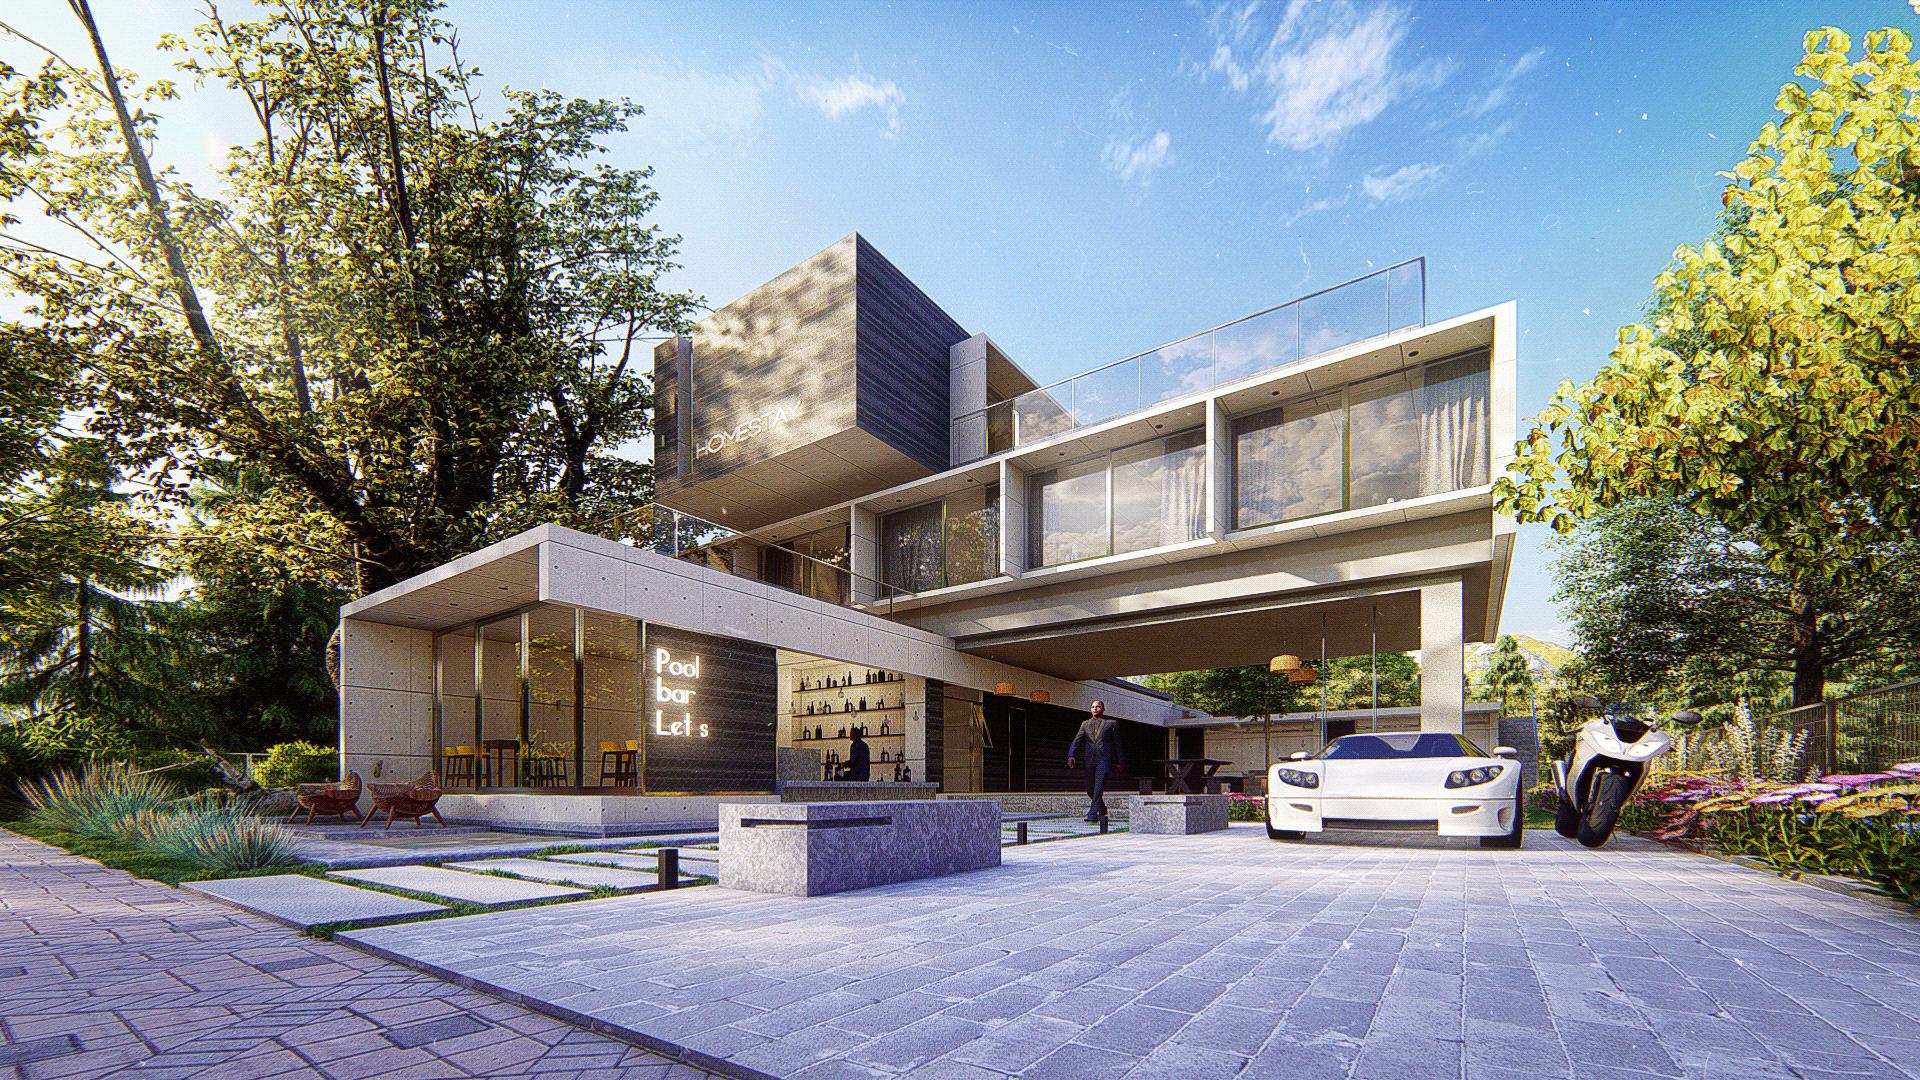 [Giới thiệu] Thiết kế kiến trúc homestay hiện đại 3 tầng